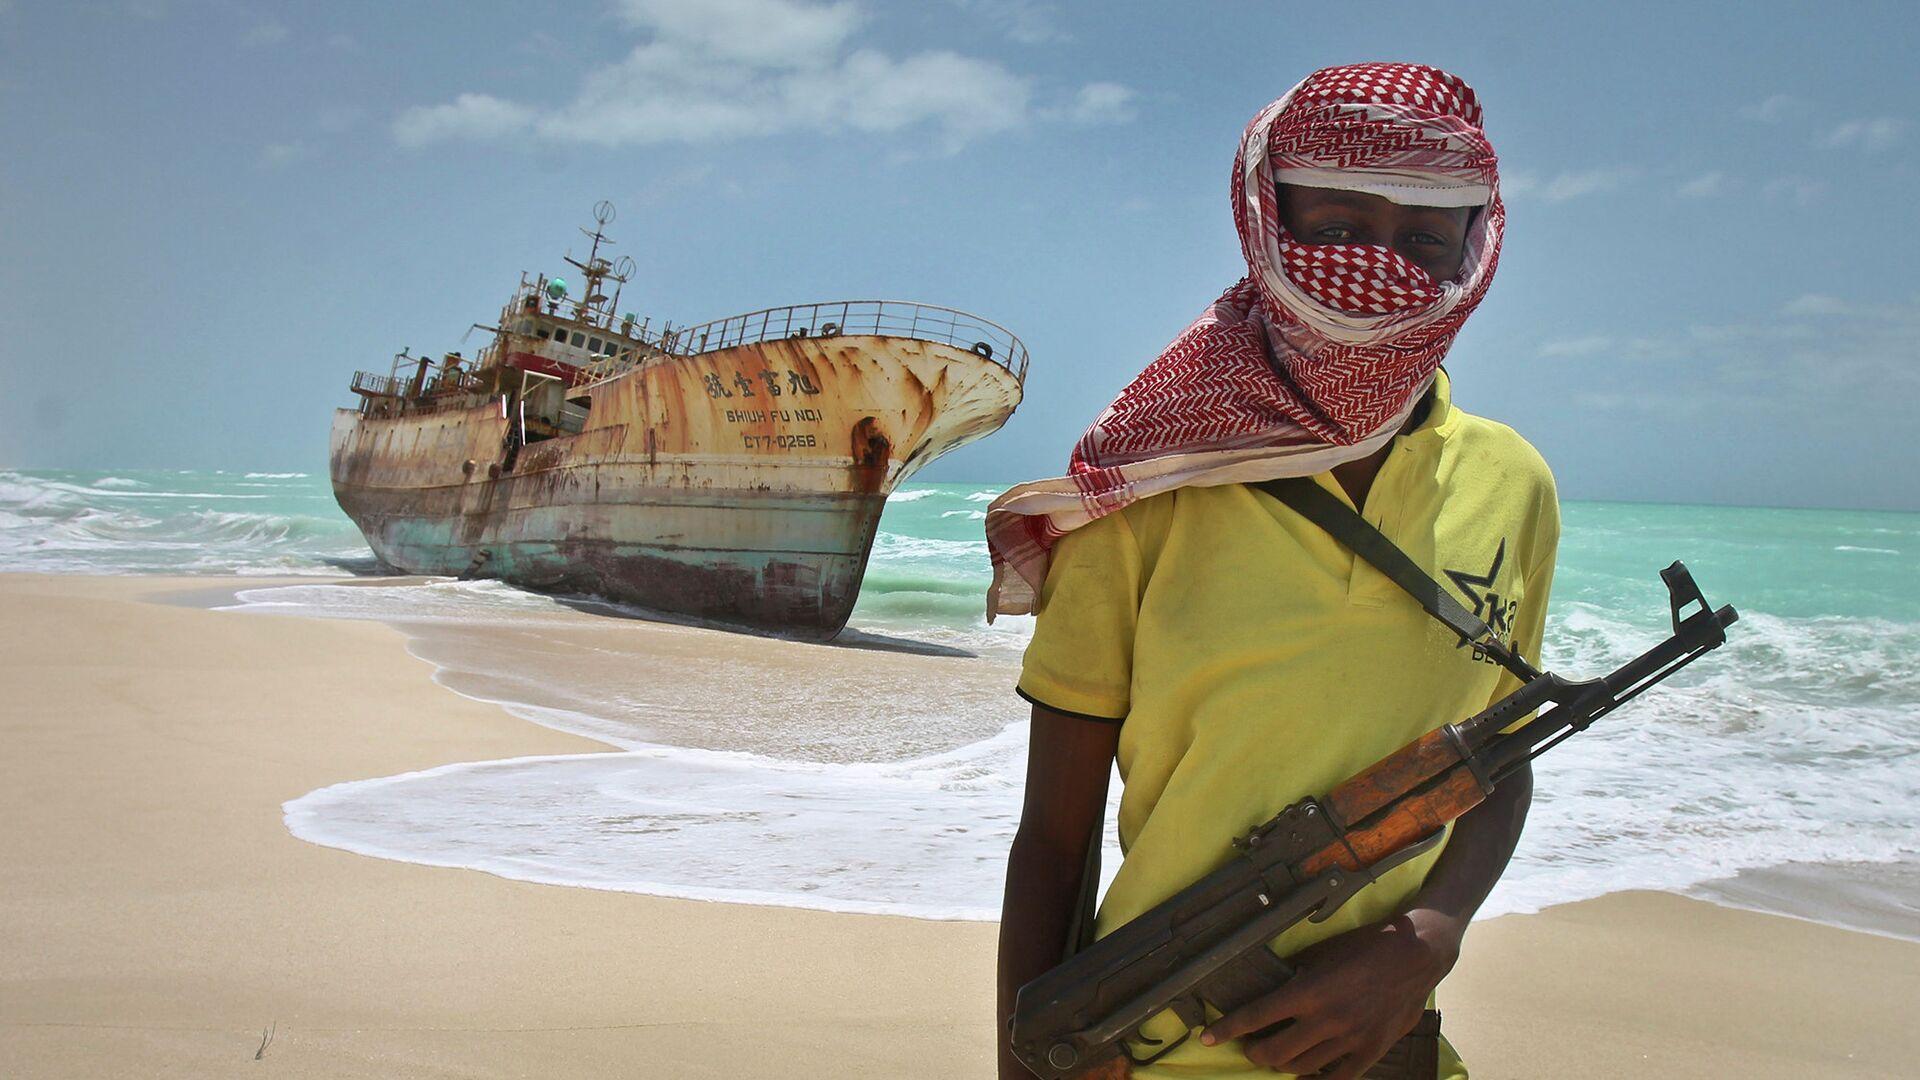 Сомалийский пират - РИА Новости, 1920, 30.11.2020